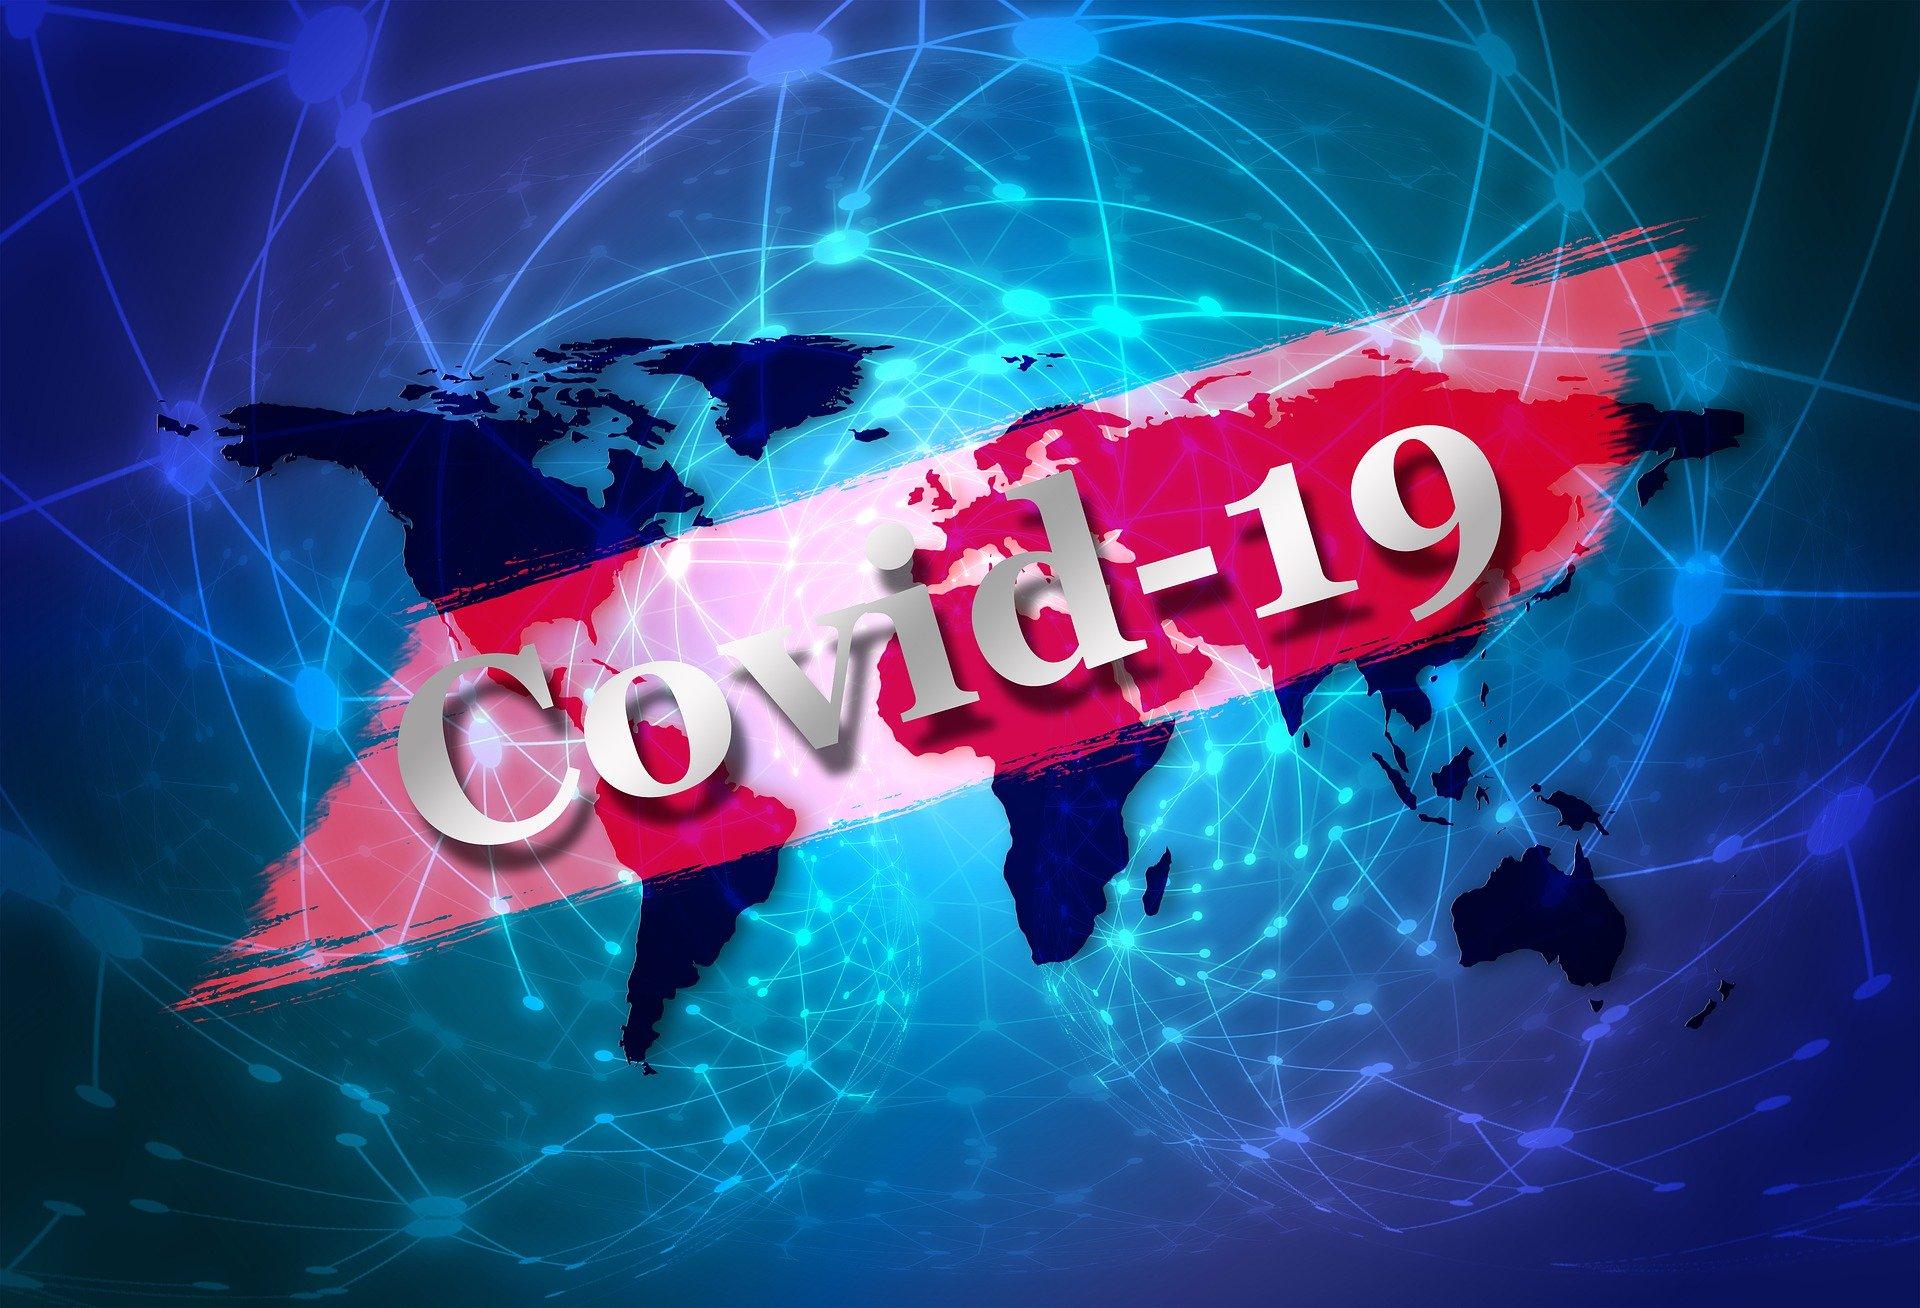 Primul deces provocat de COVID-19 pe teritoriul României